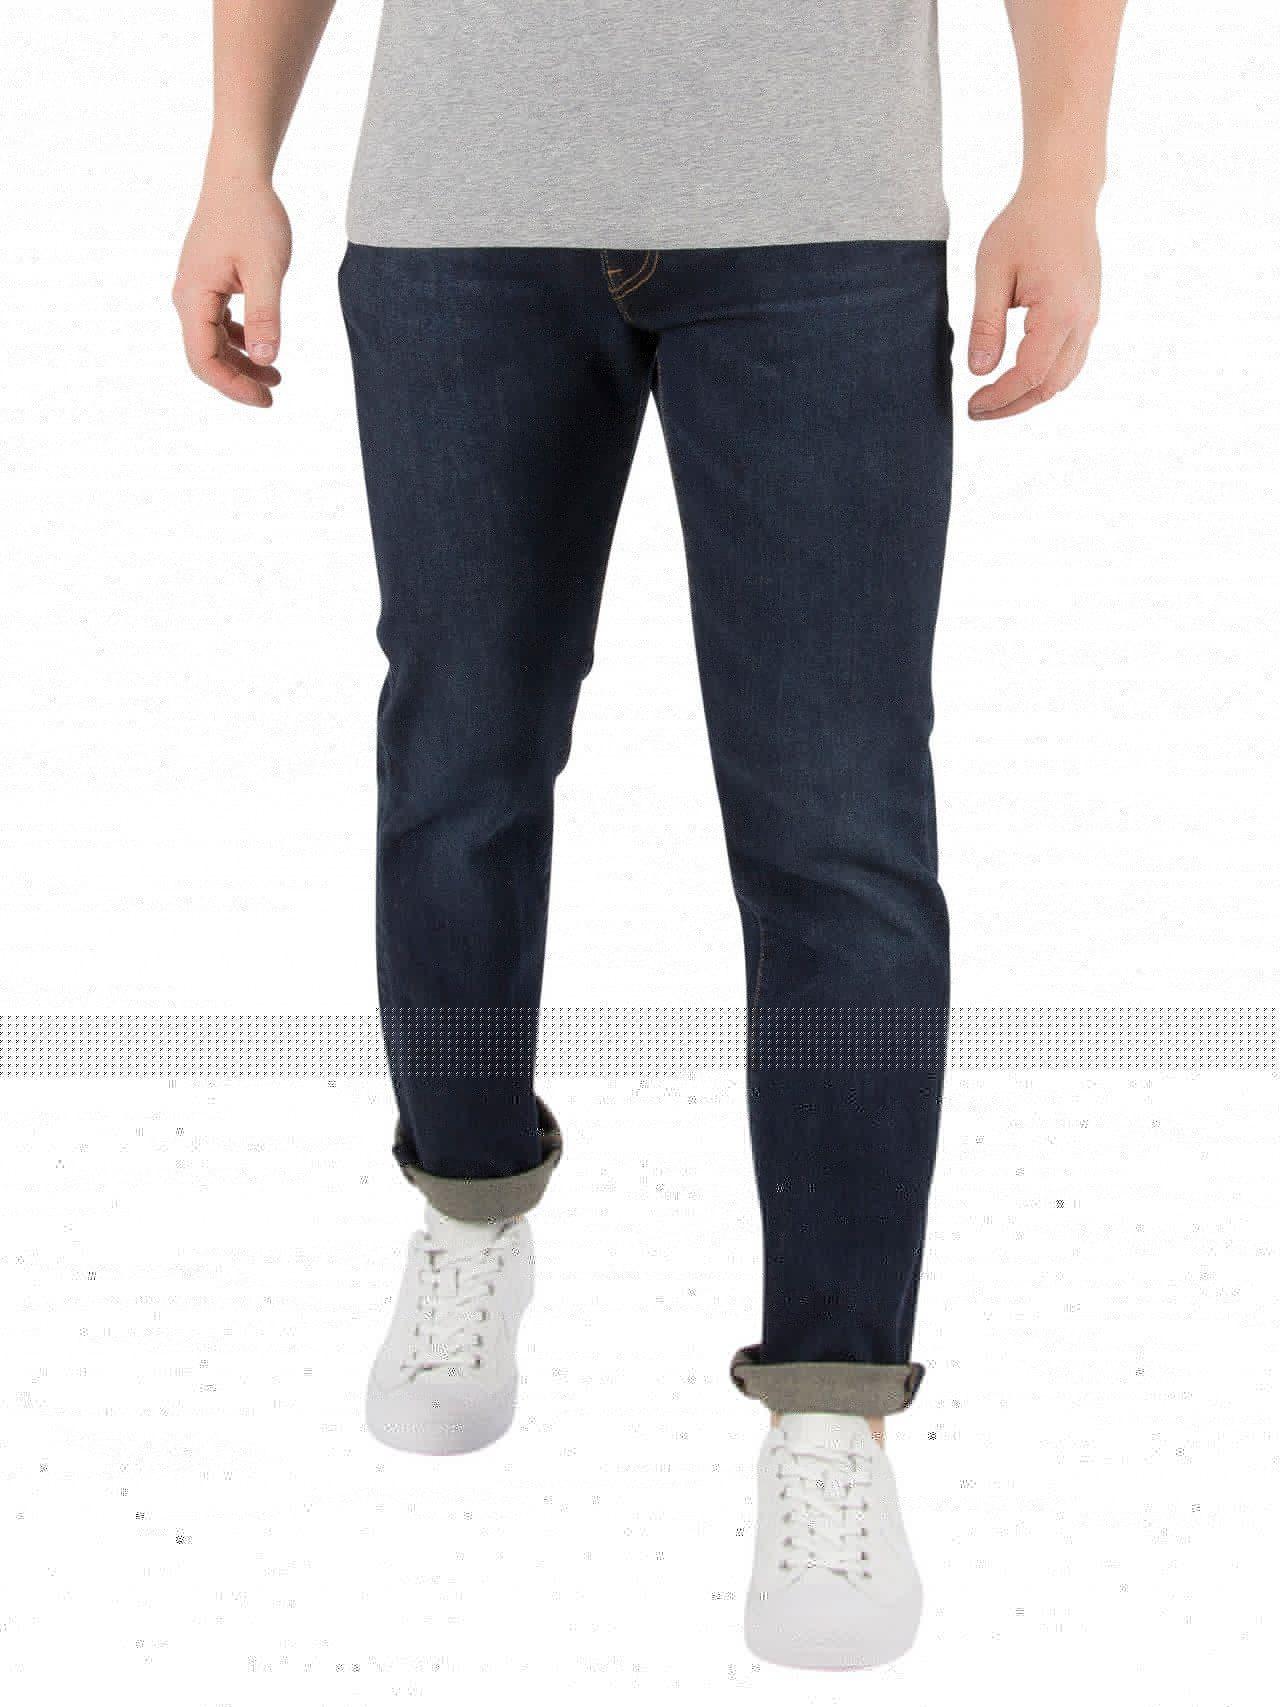 edd20d54d6a Levi's Zebroid Adapt 511 Slim Fit Jeans | Standout